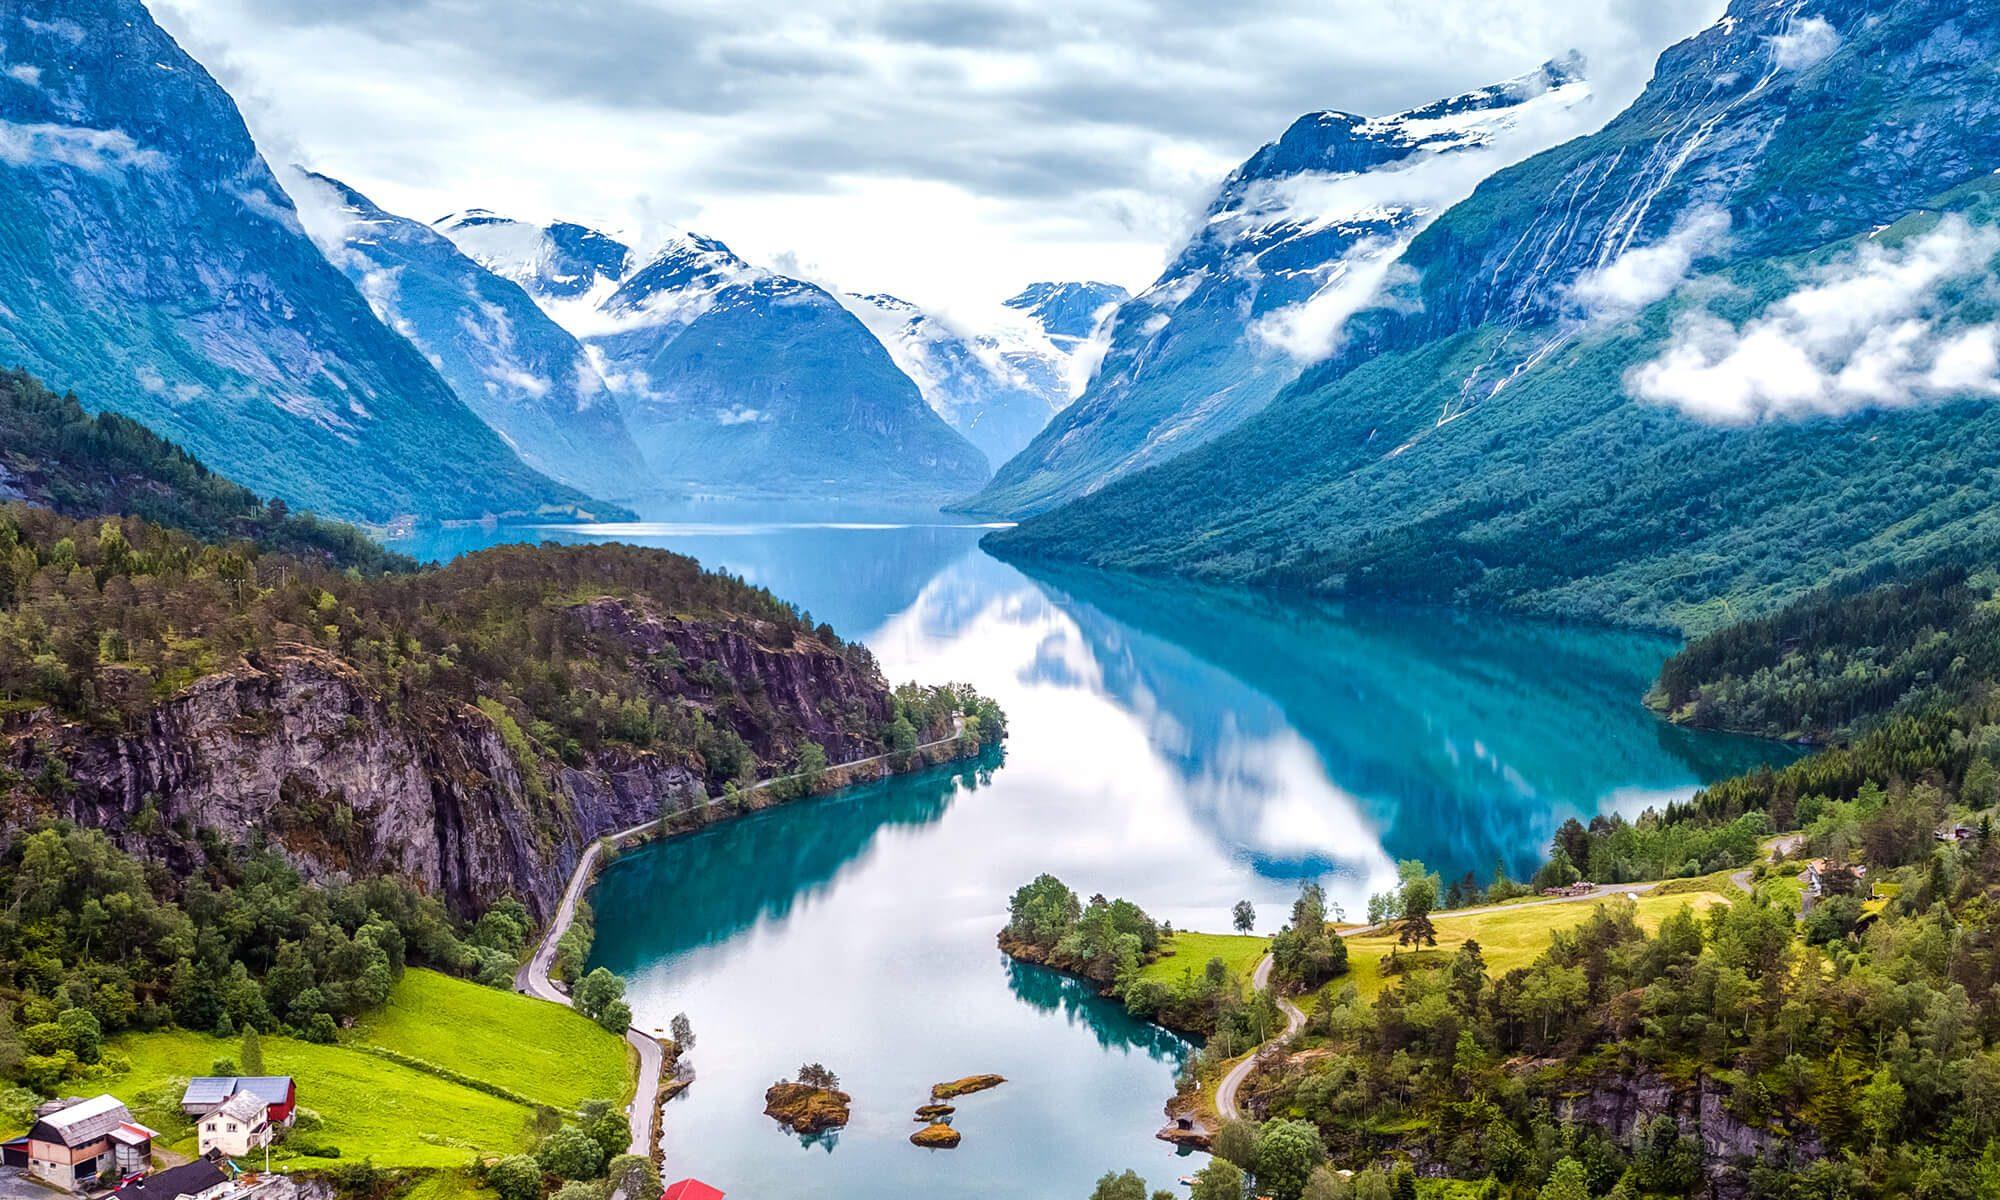 Singlreise nach Bergen in Norwegen